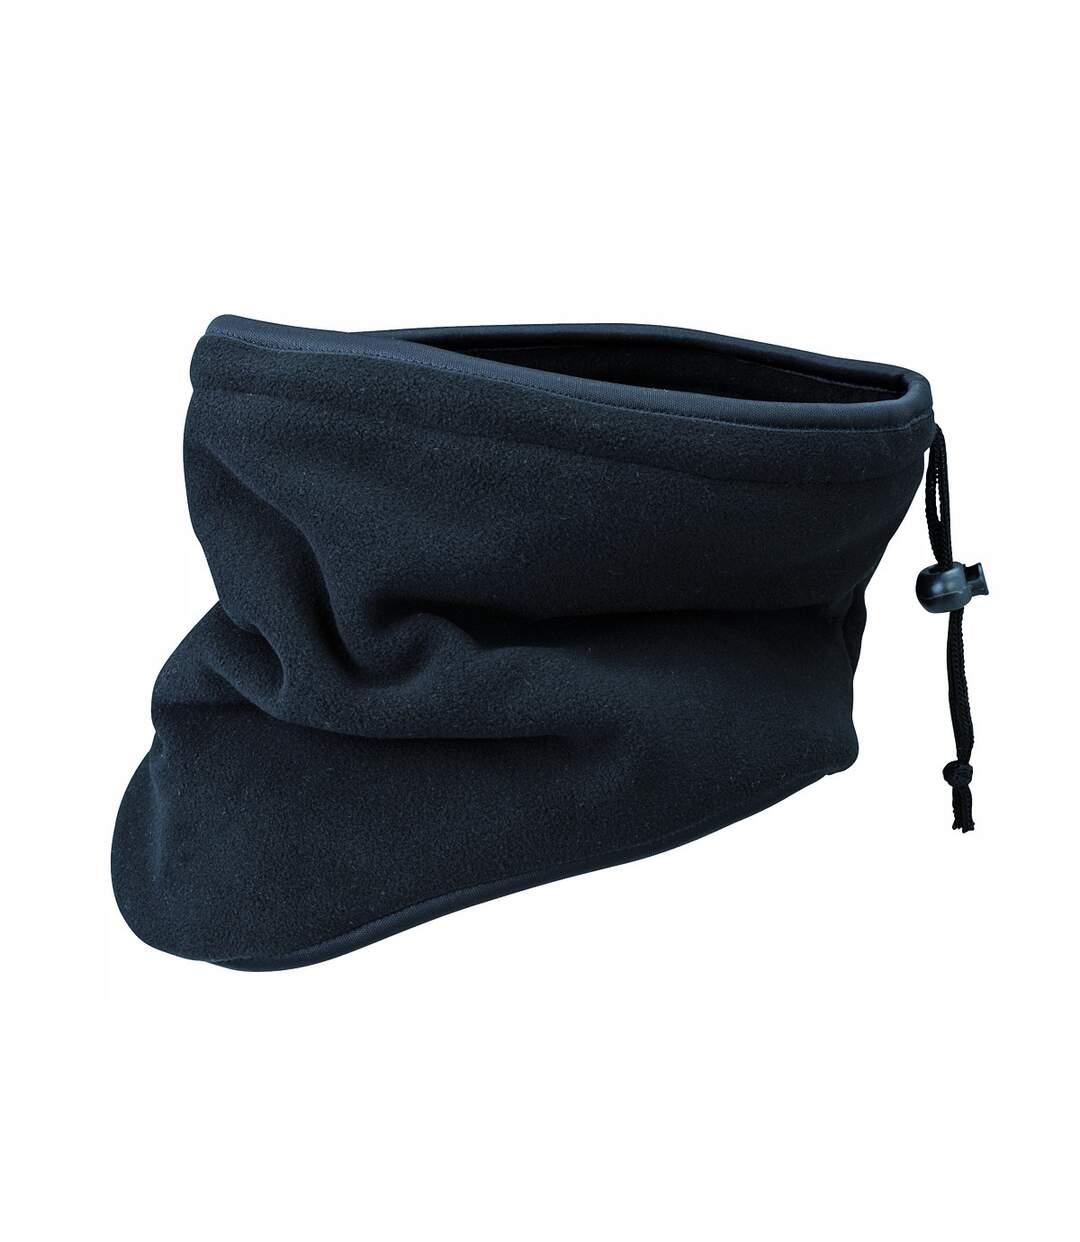 Tour de cou écharpe cache-nez polaire - MB7930 - noir